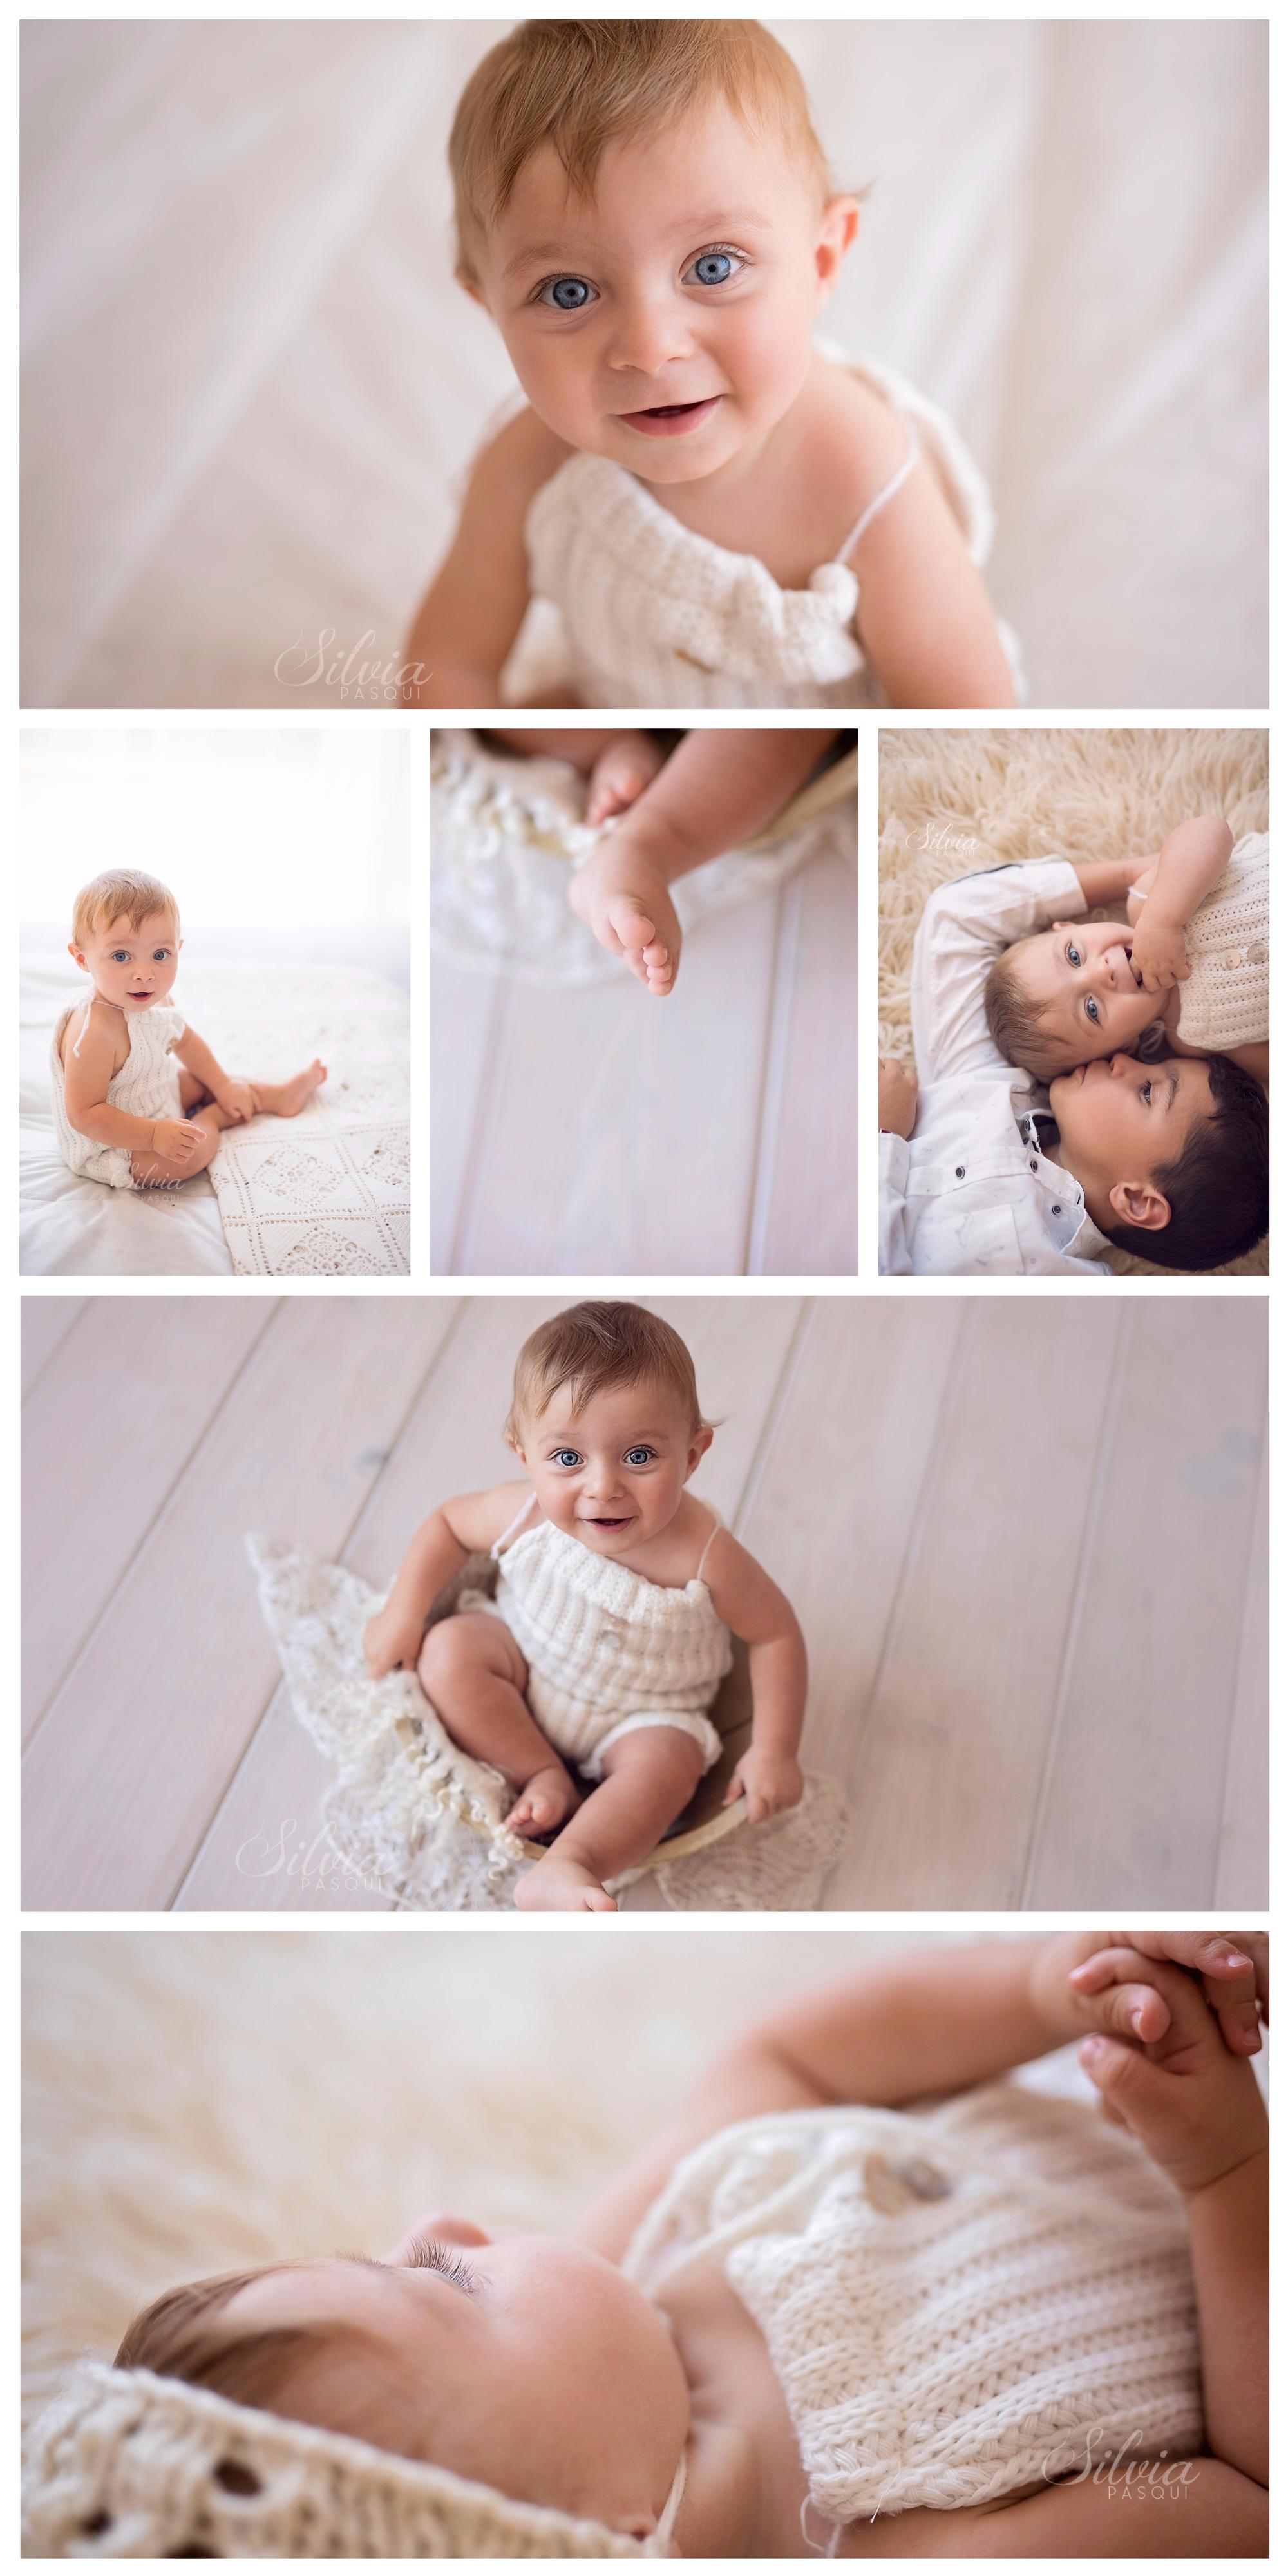 immagini bambini, fotografie di silvia pasqui